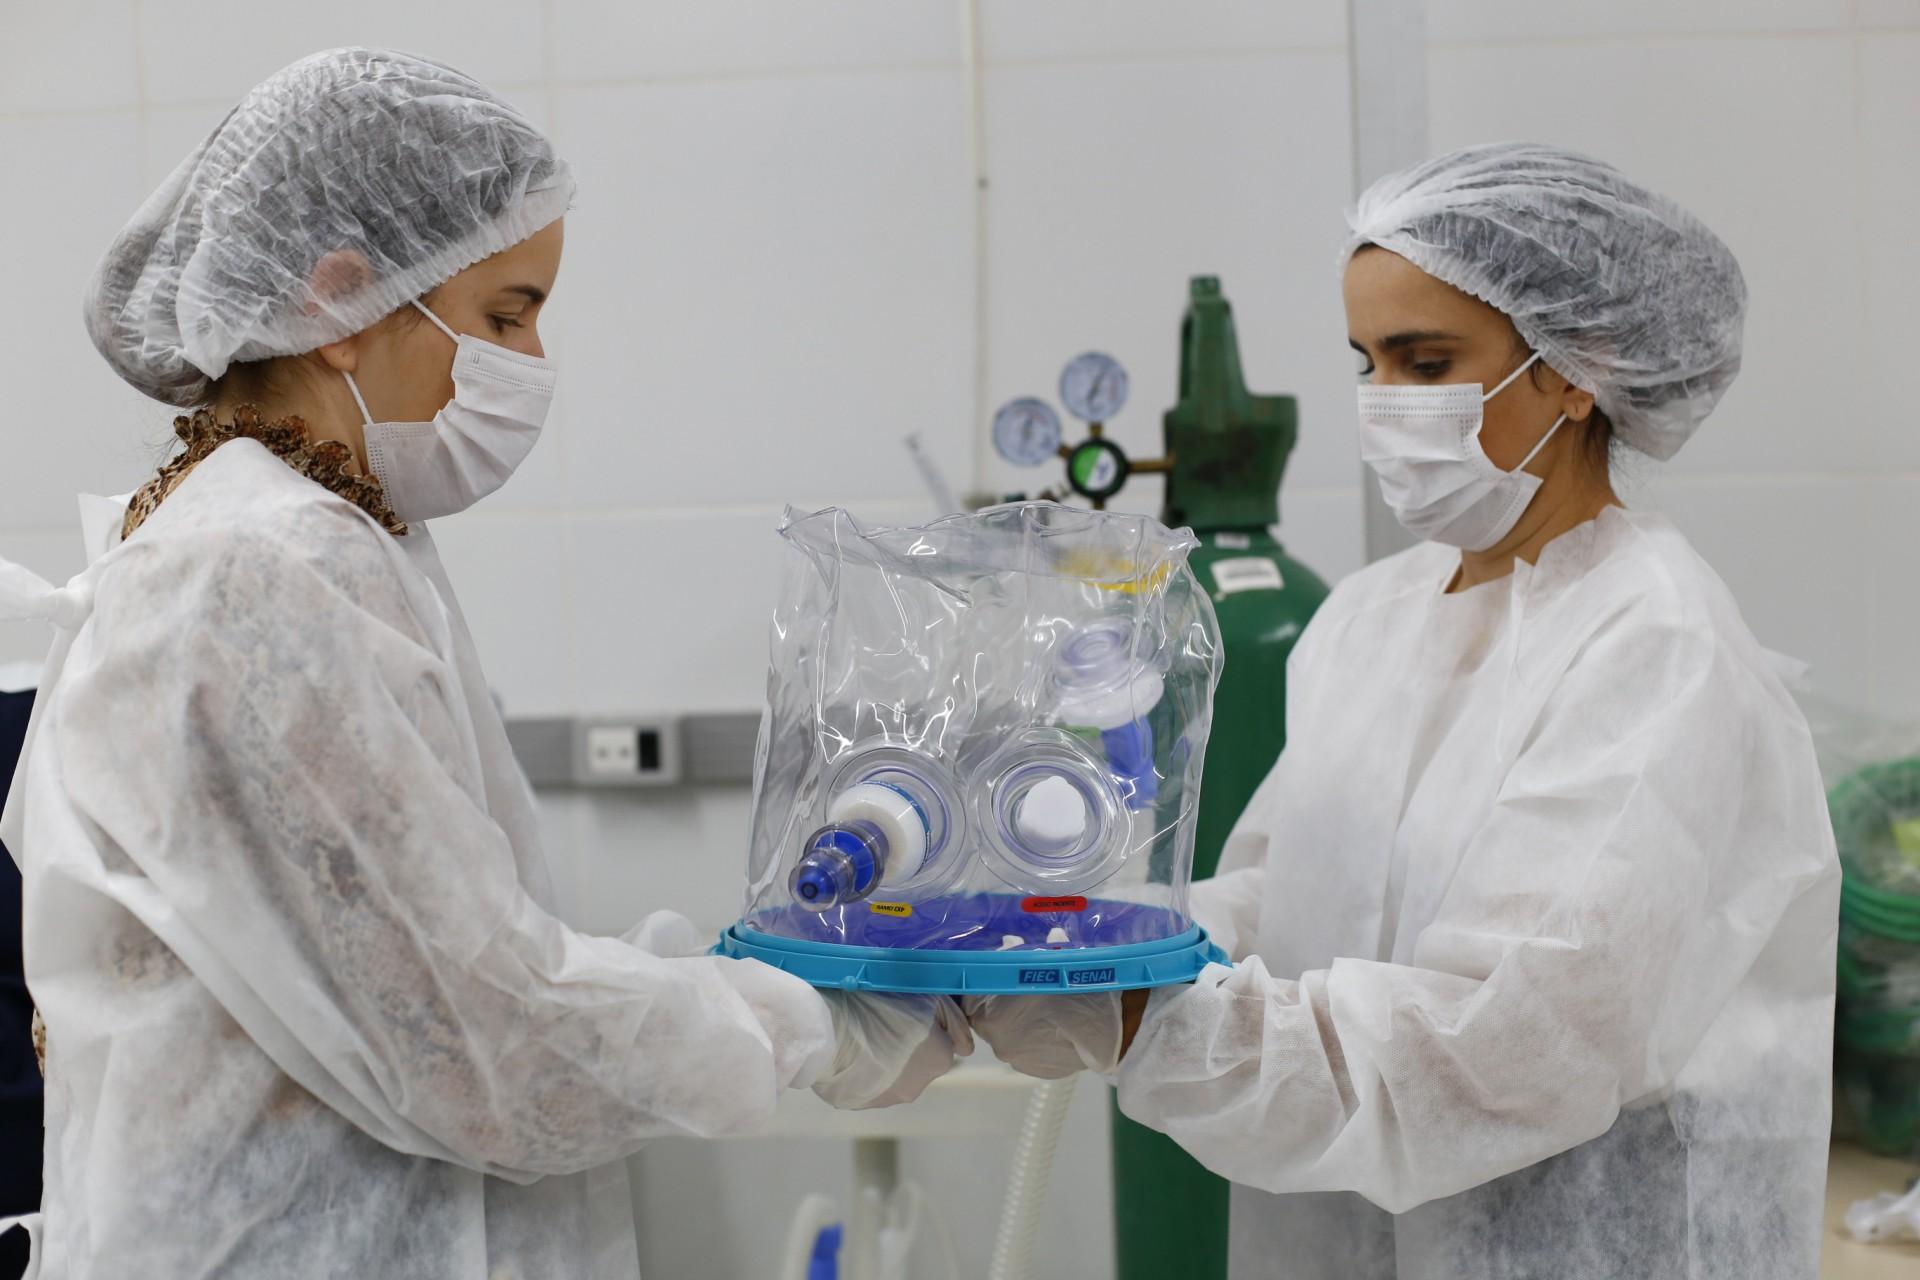 Elmo é o capacete criado no Ceará para tratamento da Covid-19 (Foto: TATIANA FORTES / GOV DO CEARA)